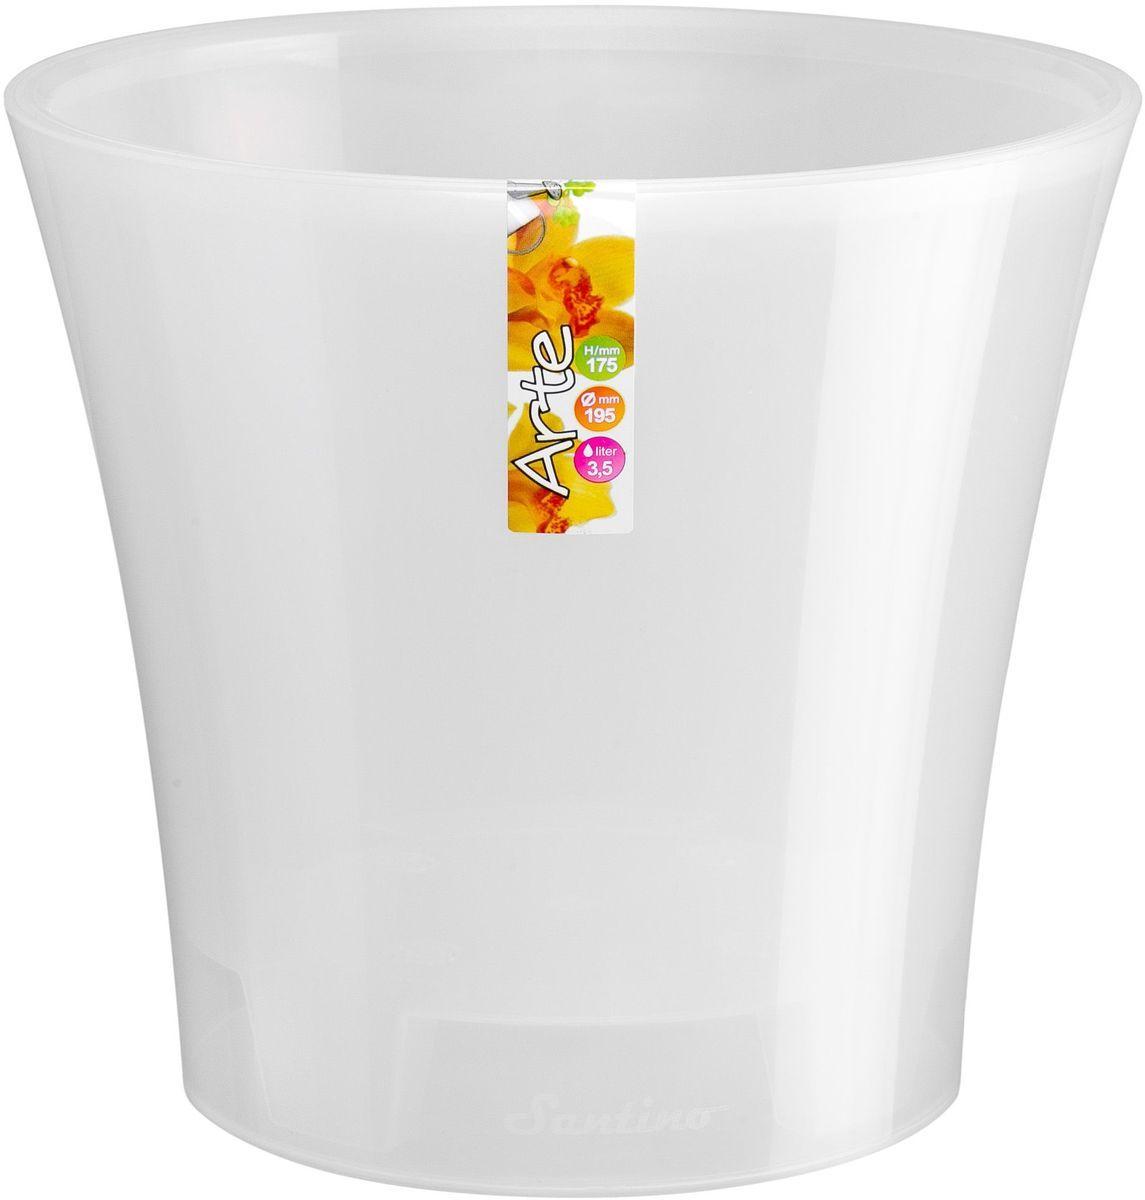 Горшок цветочный Santino Арте, двойной, с системой автополива, цвет: прозрачный, 2 лАРТ 2 П-ПГоршок цветочный Santino Арте снабжен дренажной системой и состоит из кашпо и вазона-вкладыша. Изготовлен из пластика.Особенность: тарелочка или блюдце не нужны.Горшок предназначен для любых растений или цветов.Цветочный дренаж – это система, которая позволяет выводить лишнюю влагу через корневую систему цветка и слой почвы. Растение – это живой организм, следовательно, ему необходимо дышать. В доступе к кислороду нуждаются все части растения:-листья;-корневая система.Если цветовод по какой-либо причине зальет цветок водой, то она буквально вытеснит из почвенного слоя все пузырьки кислорода. Анаэробная среда способствует развитию различного рода бактерий. Безвоздушная среда приводит к загниванию корневой системы, цветок в результате увядает.Суть работы дренажной системы заключается в том, чтобы осуществлять отвод лишней влаги от растения и давать возможность корневой системе дышать без проблем. Следовательно, каждому цветку необходимо:-иметь в основании цветочного горшочка хотя бы одно небольшое дренажное отверстие. Оно необходимо для того, чтобы через него выходила лишняя вода, плюс ко всему это отверстие дает возможность циркулировать воздух.-на самом дне горшка необходимо выложить слоем в 2-5 см (зависит от вида растения) дренаж.УВАЖАЕМЫЕ КЛИЕНТЫ!Обращаем ваше внимание на тот факт, что фото изделия служит для визуального восприятия товара. Литраж и размеры, представленные на этикетке товара, могут по факту отличаться от реальных. Корректные данные в поле Размеры.